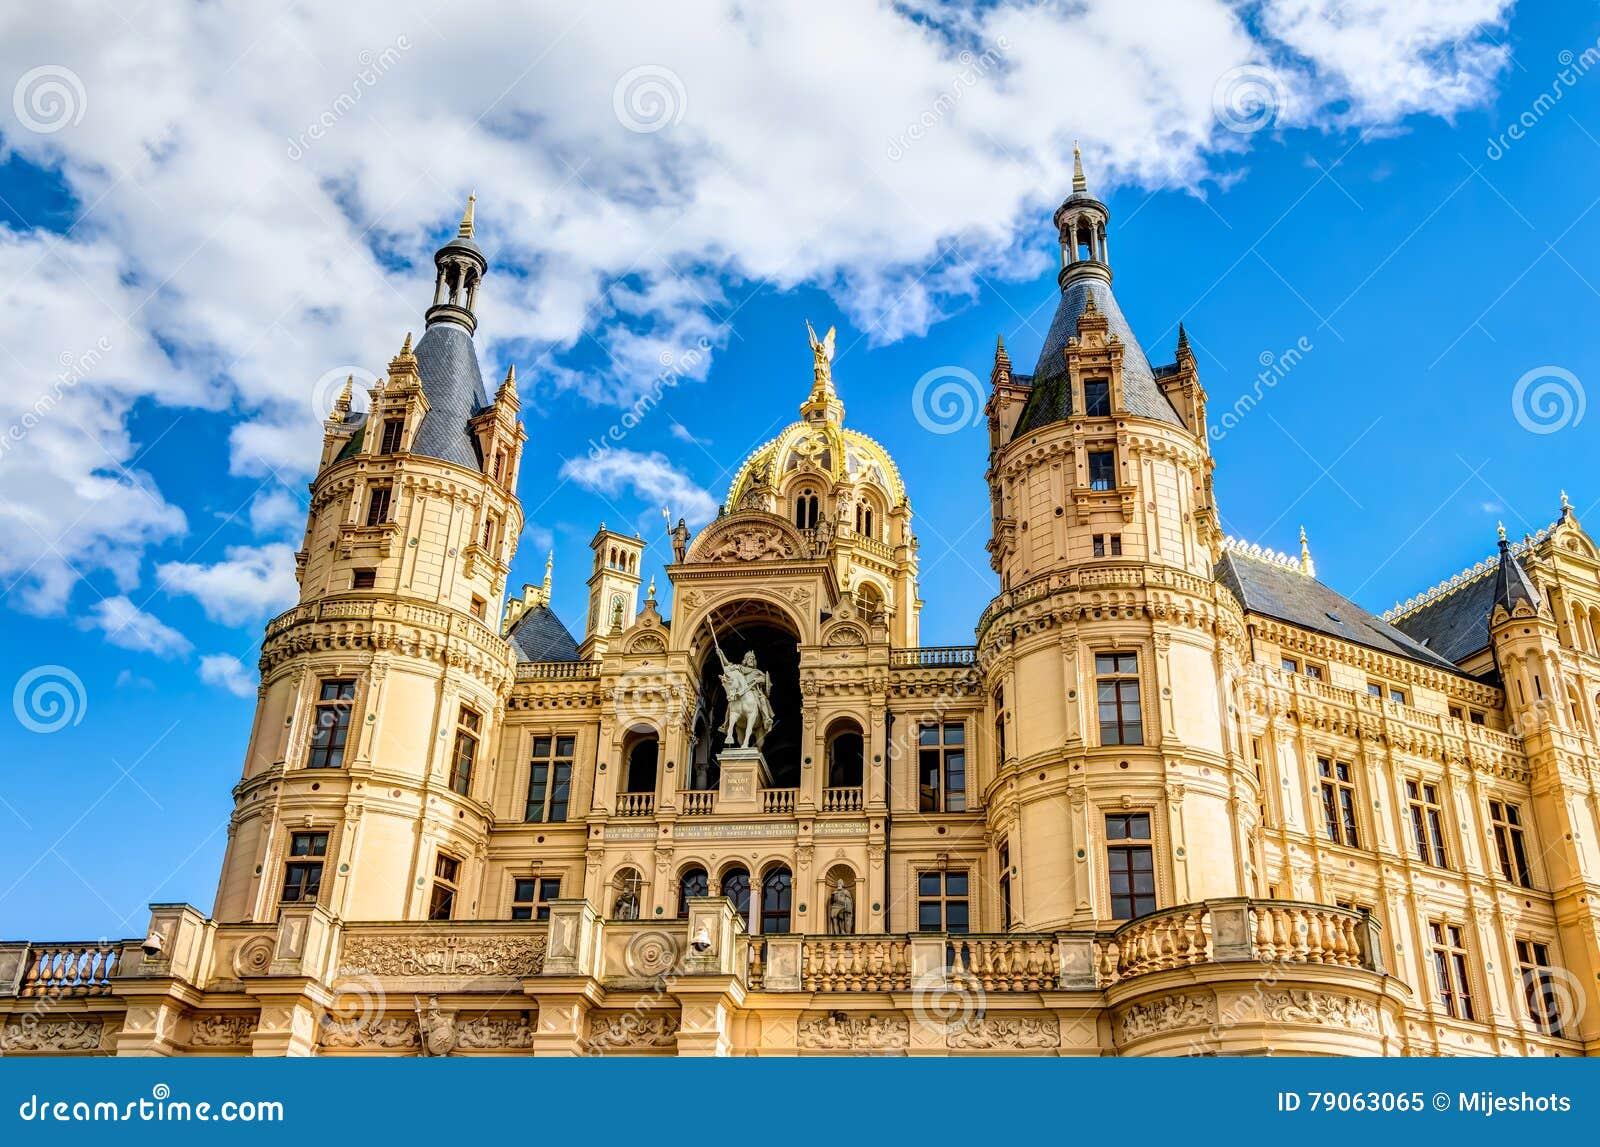 Дворец Шверина в романтичном стиле архитектуры Historicism